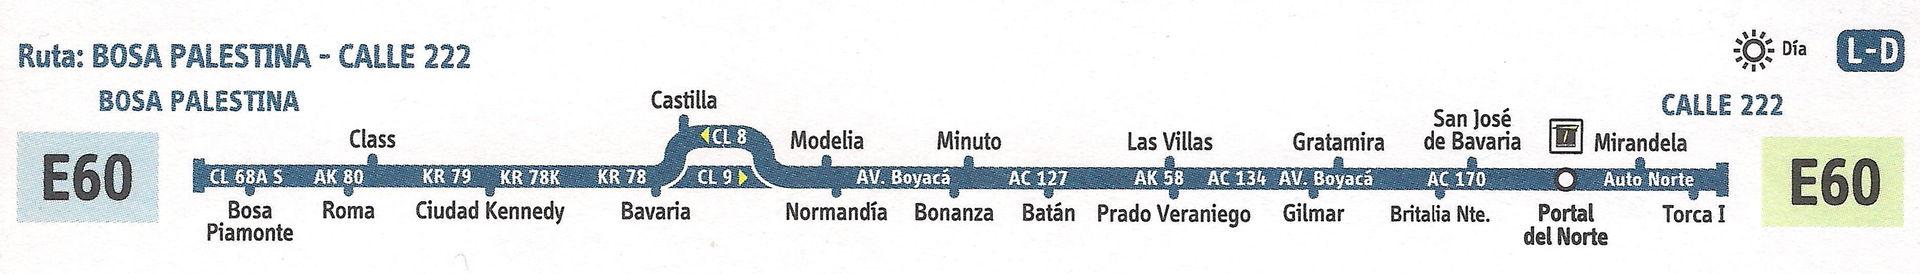 Ruta SITP: E60 Bosa, Palestina ↔ Calle 222 [Urbana] 1